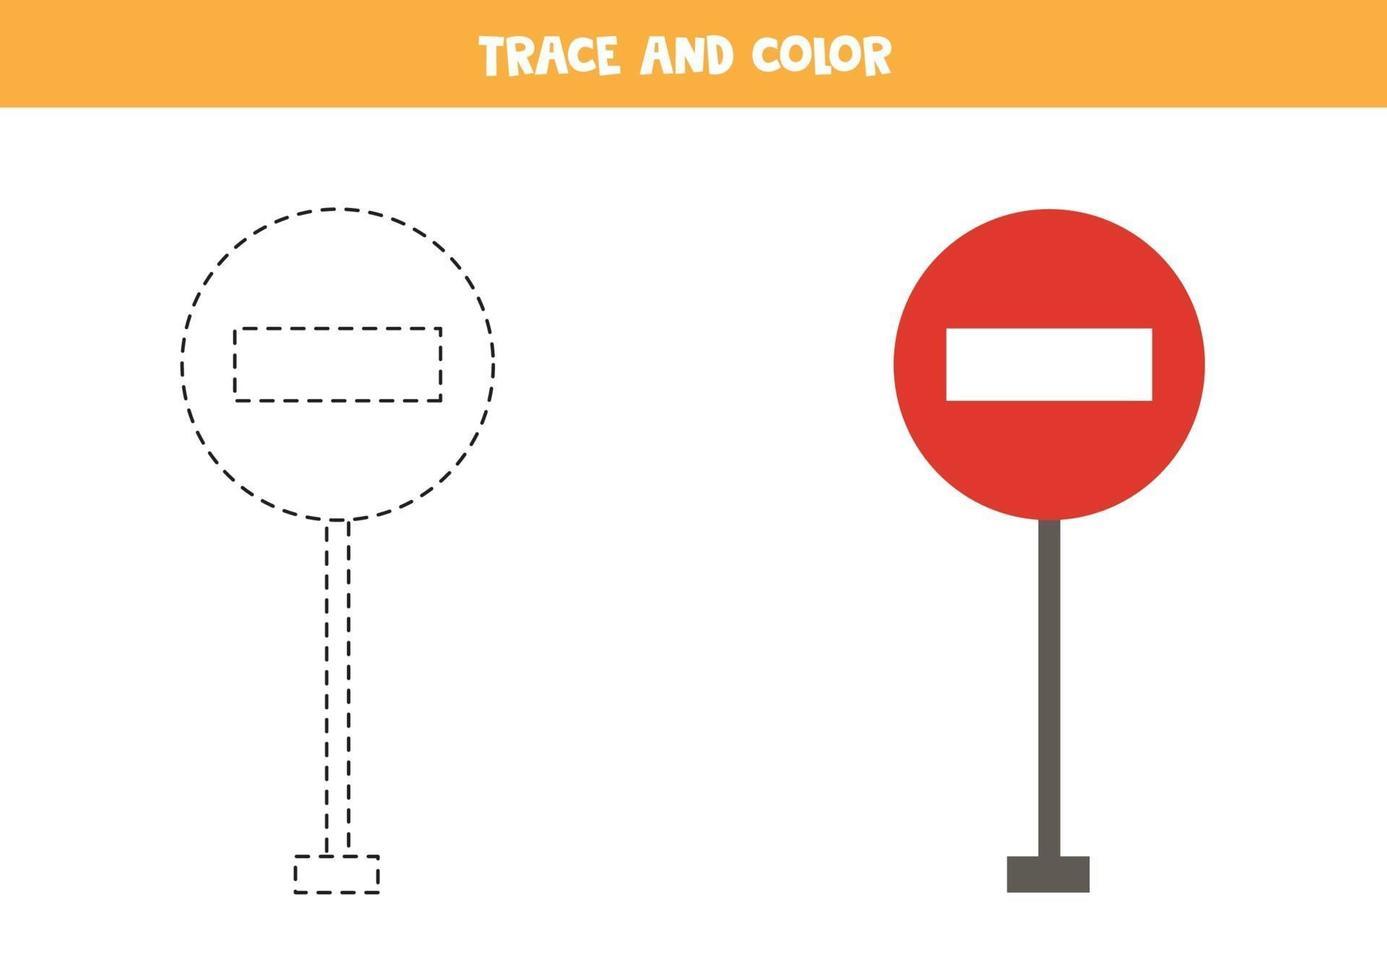 trace et panneau de signalisation de dessin animé de couleur. feuille de calcul pour les enfants. vecteur